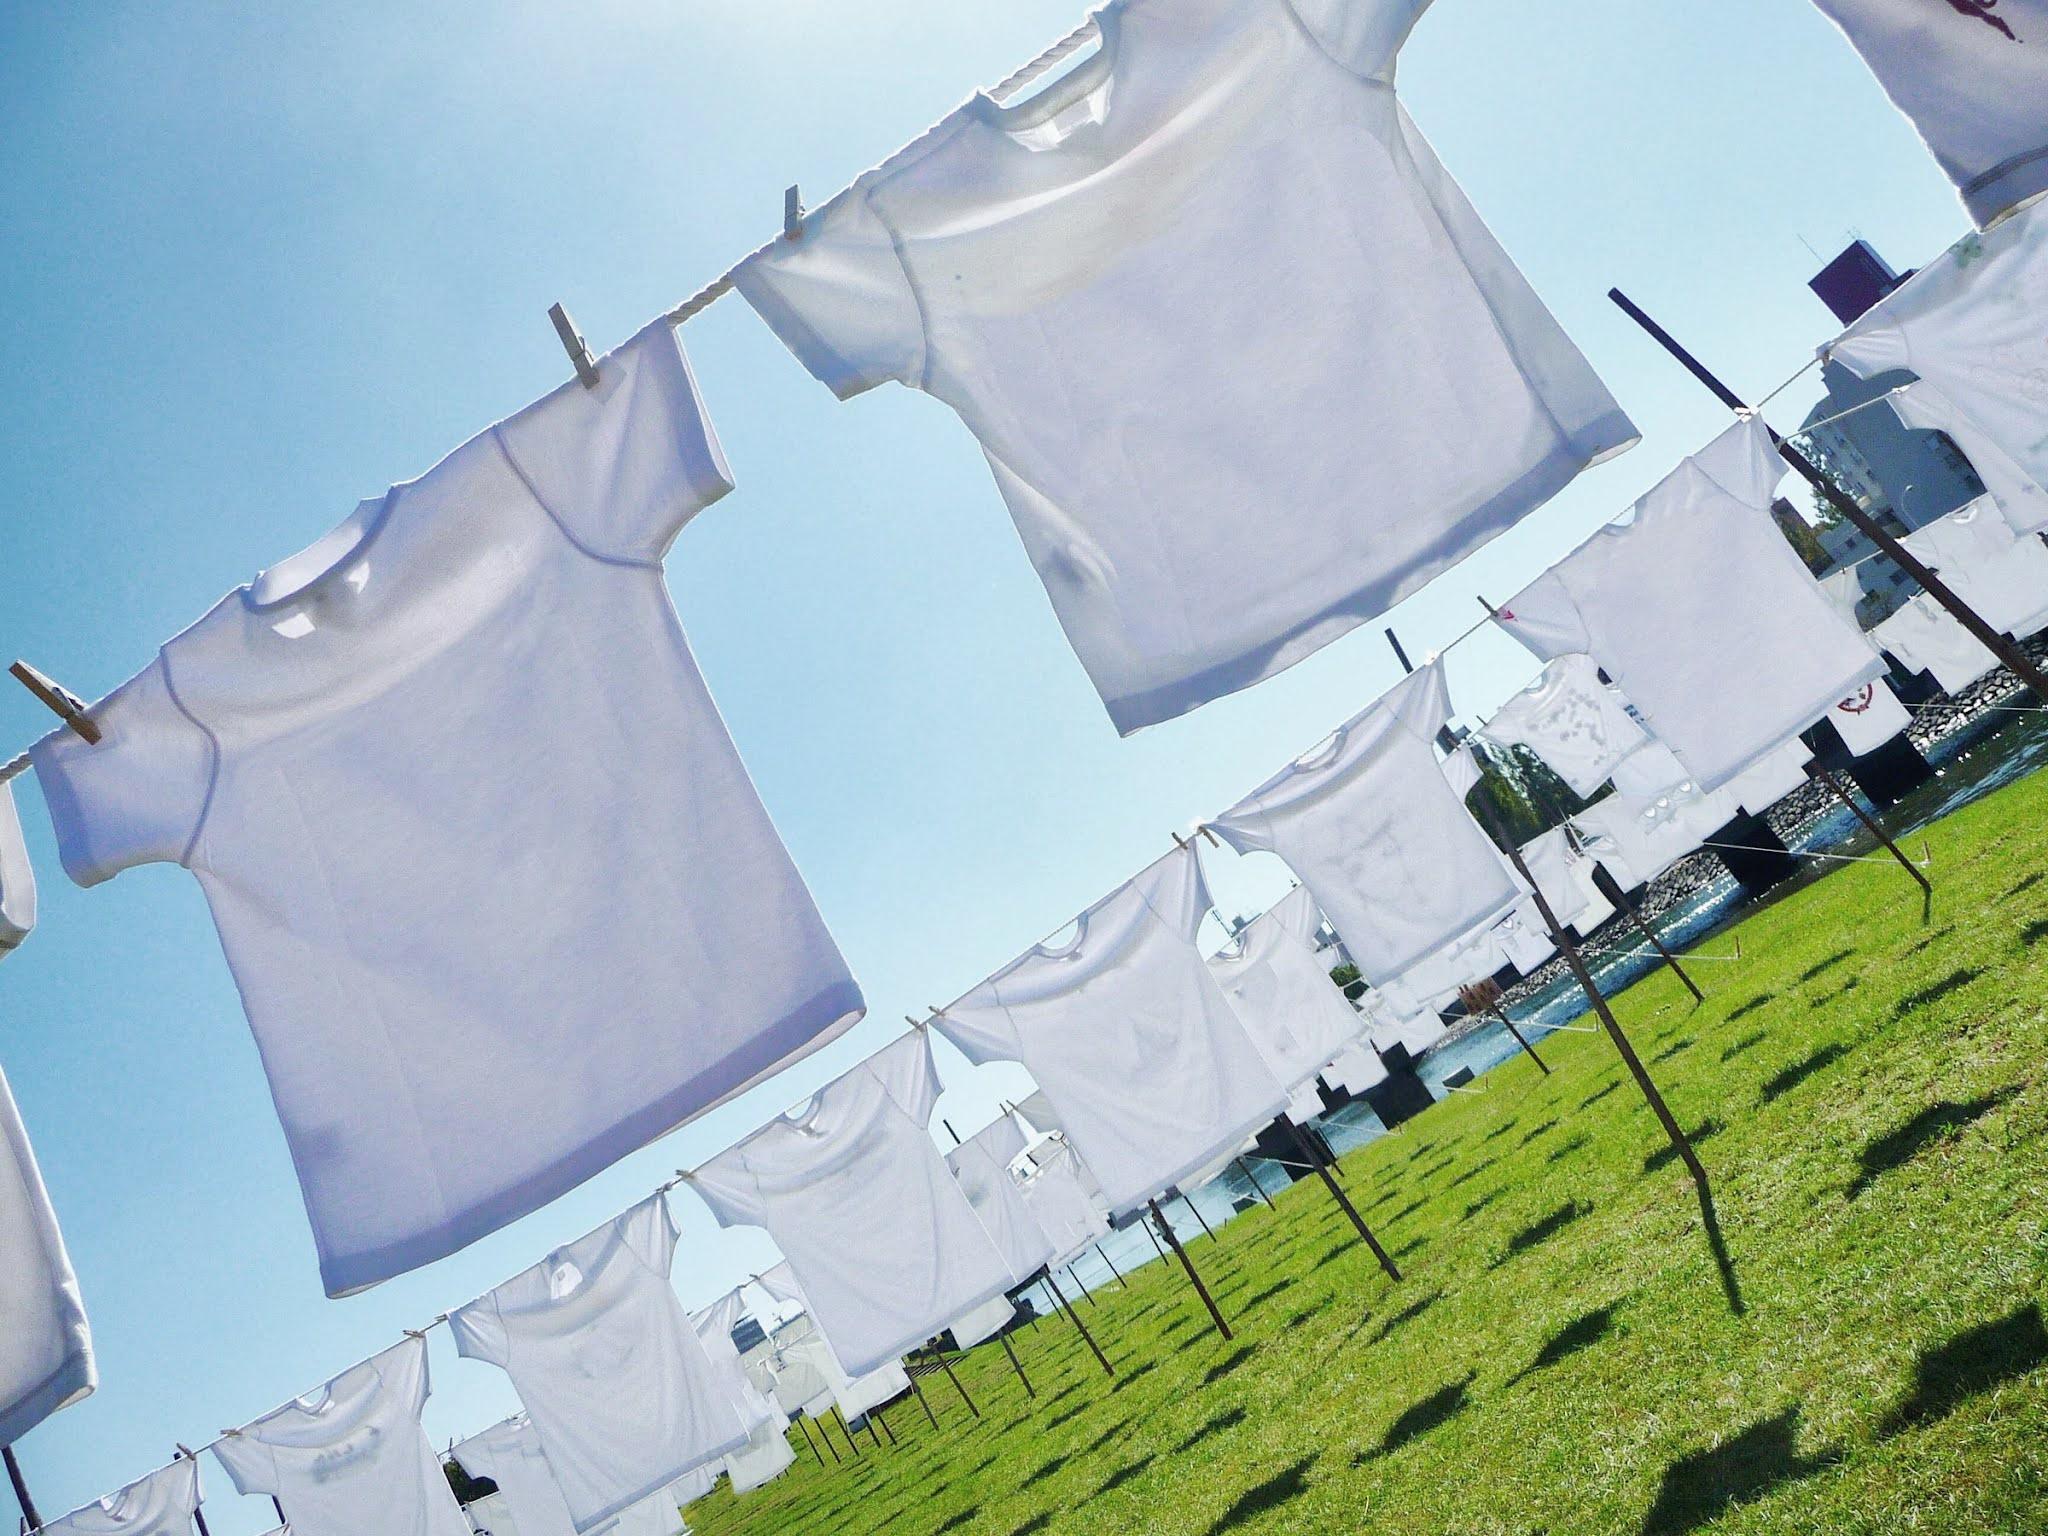 夏,青空,Tシャツ,爽やか,青,Summer, blue sky, t-shirt, refreshing, blue